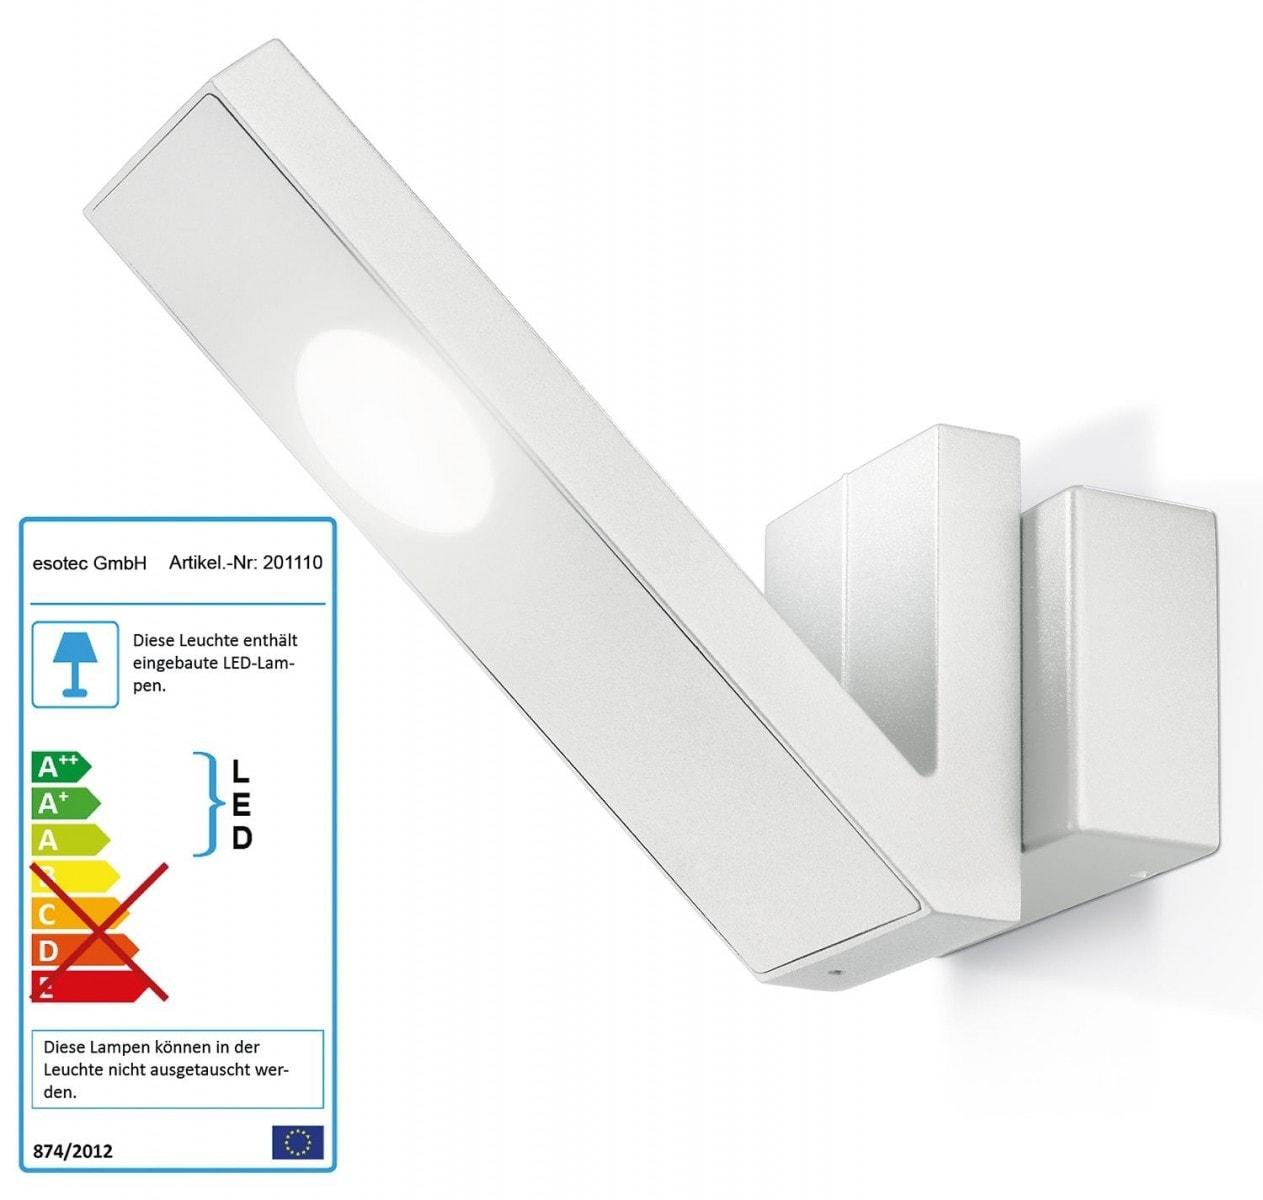 Applique da esterno led con doppia fonte di luce e 180 lumen sia verso l' alto che verso il basso.